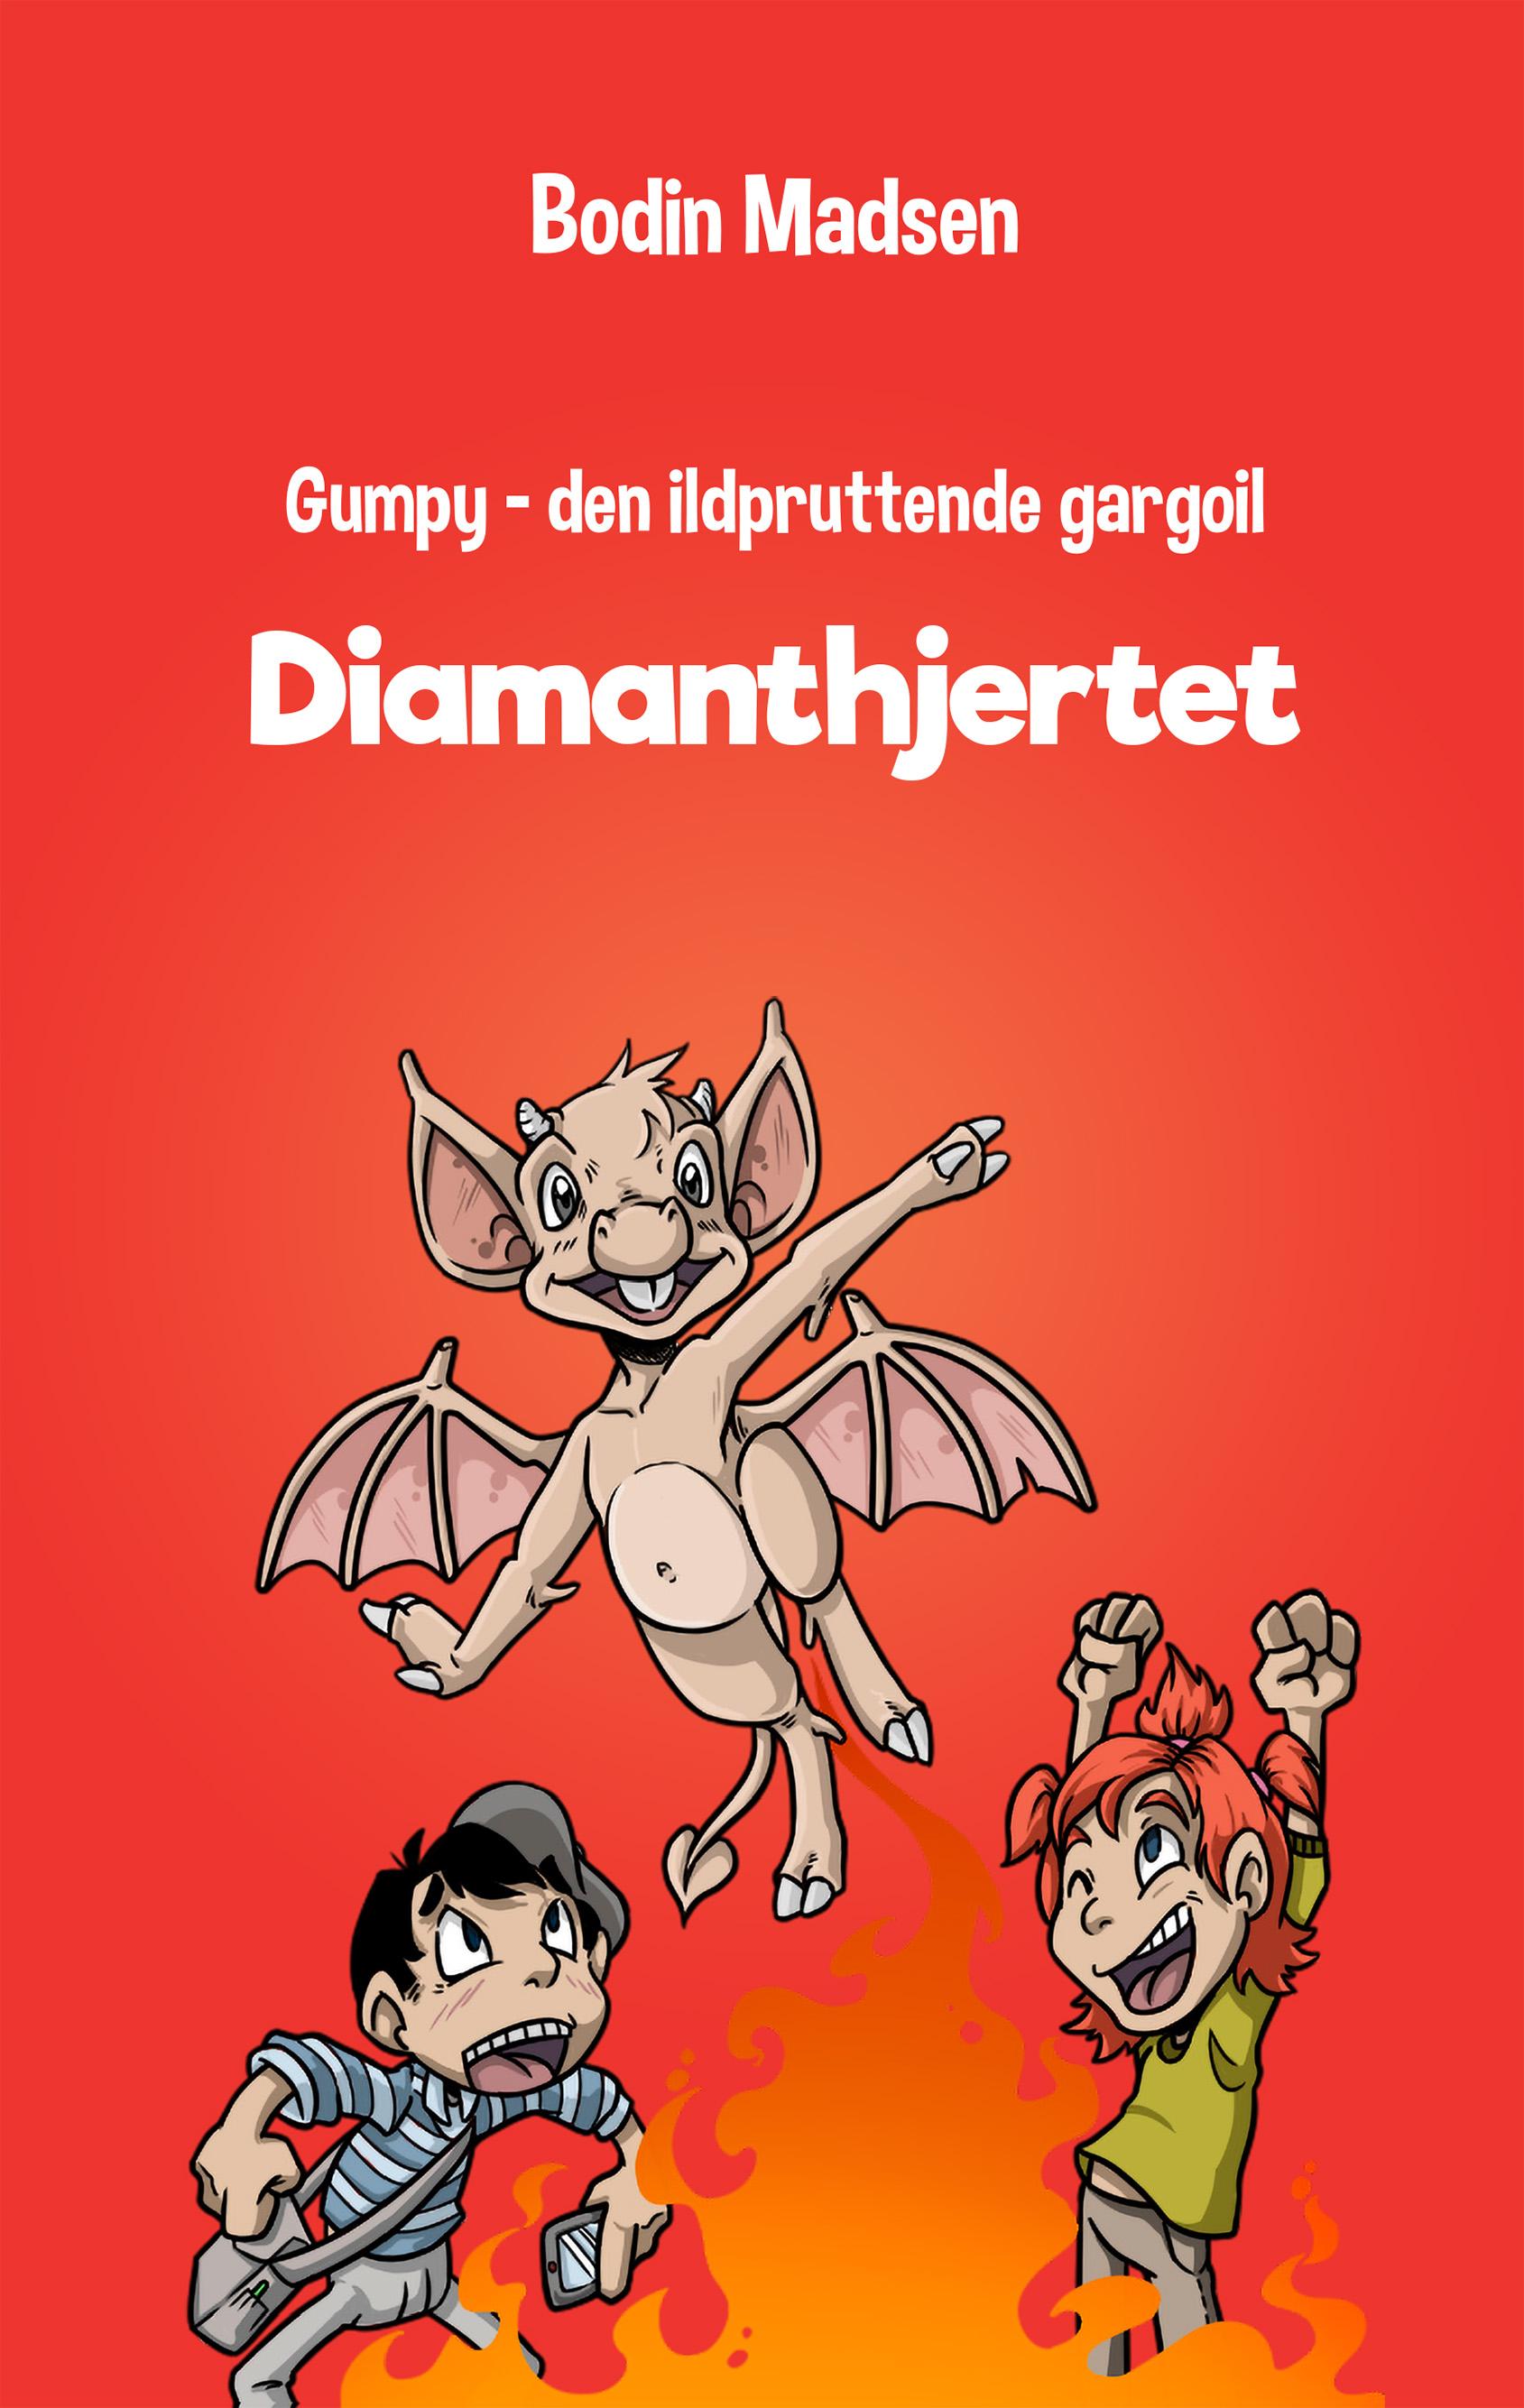 Gumpy - den ildpruttende gargoil: Gumpy 1 - Diamanthjertet - Bodin Madsen - Bøger - DreamLitt - 9788771713282 - 26/10-2018